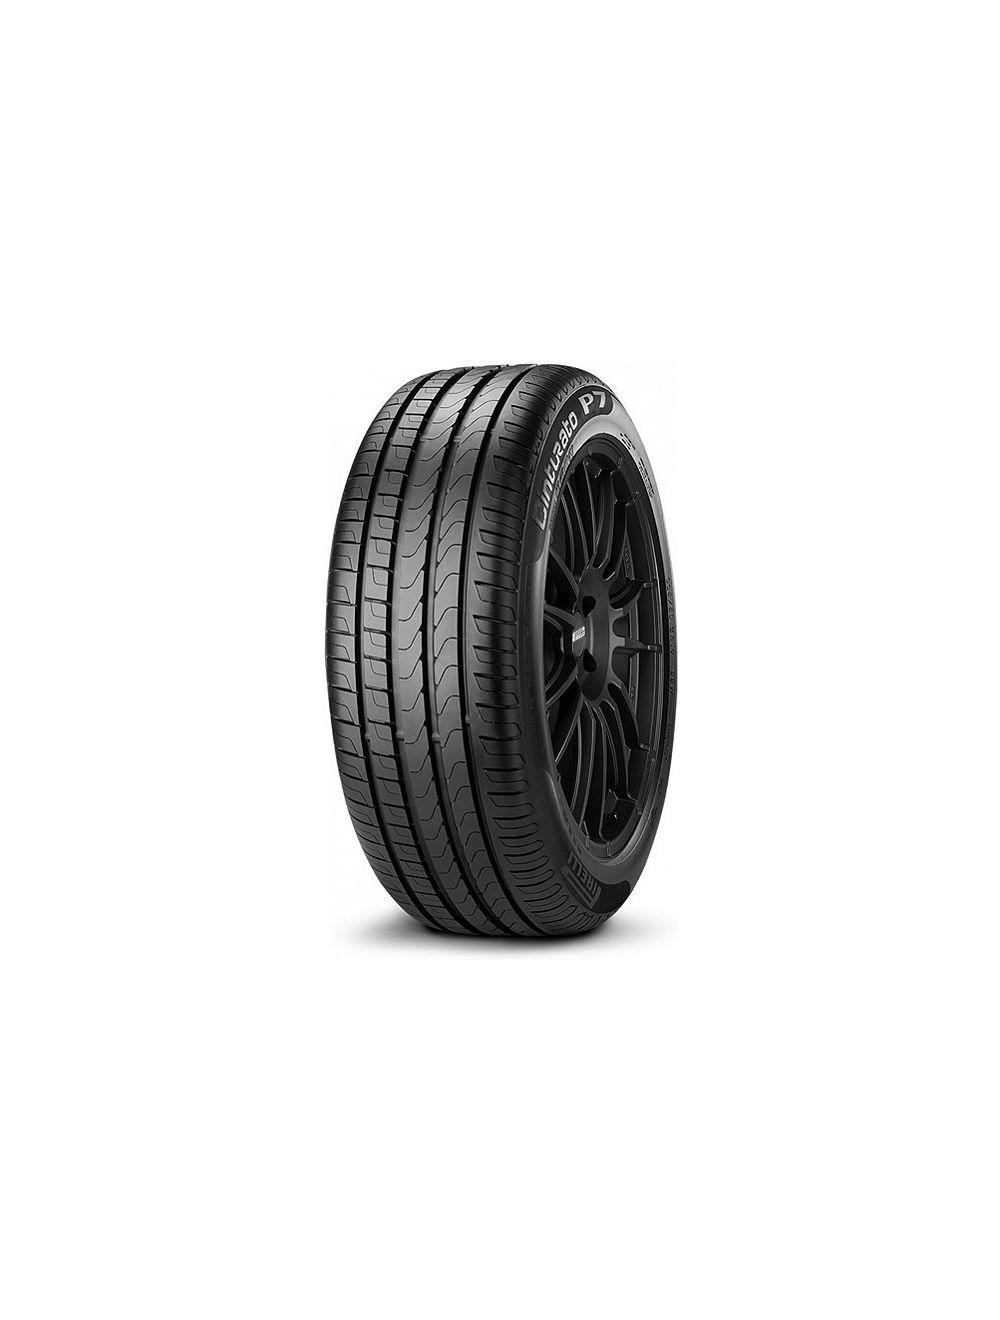 Pirelli 245/50R19 W P7 Cint.XL RunFlat* DOT18 Nyári gumi